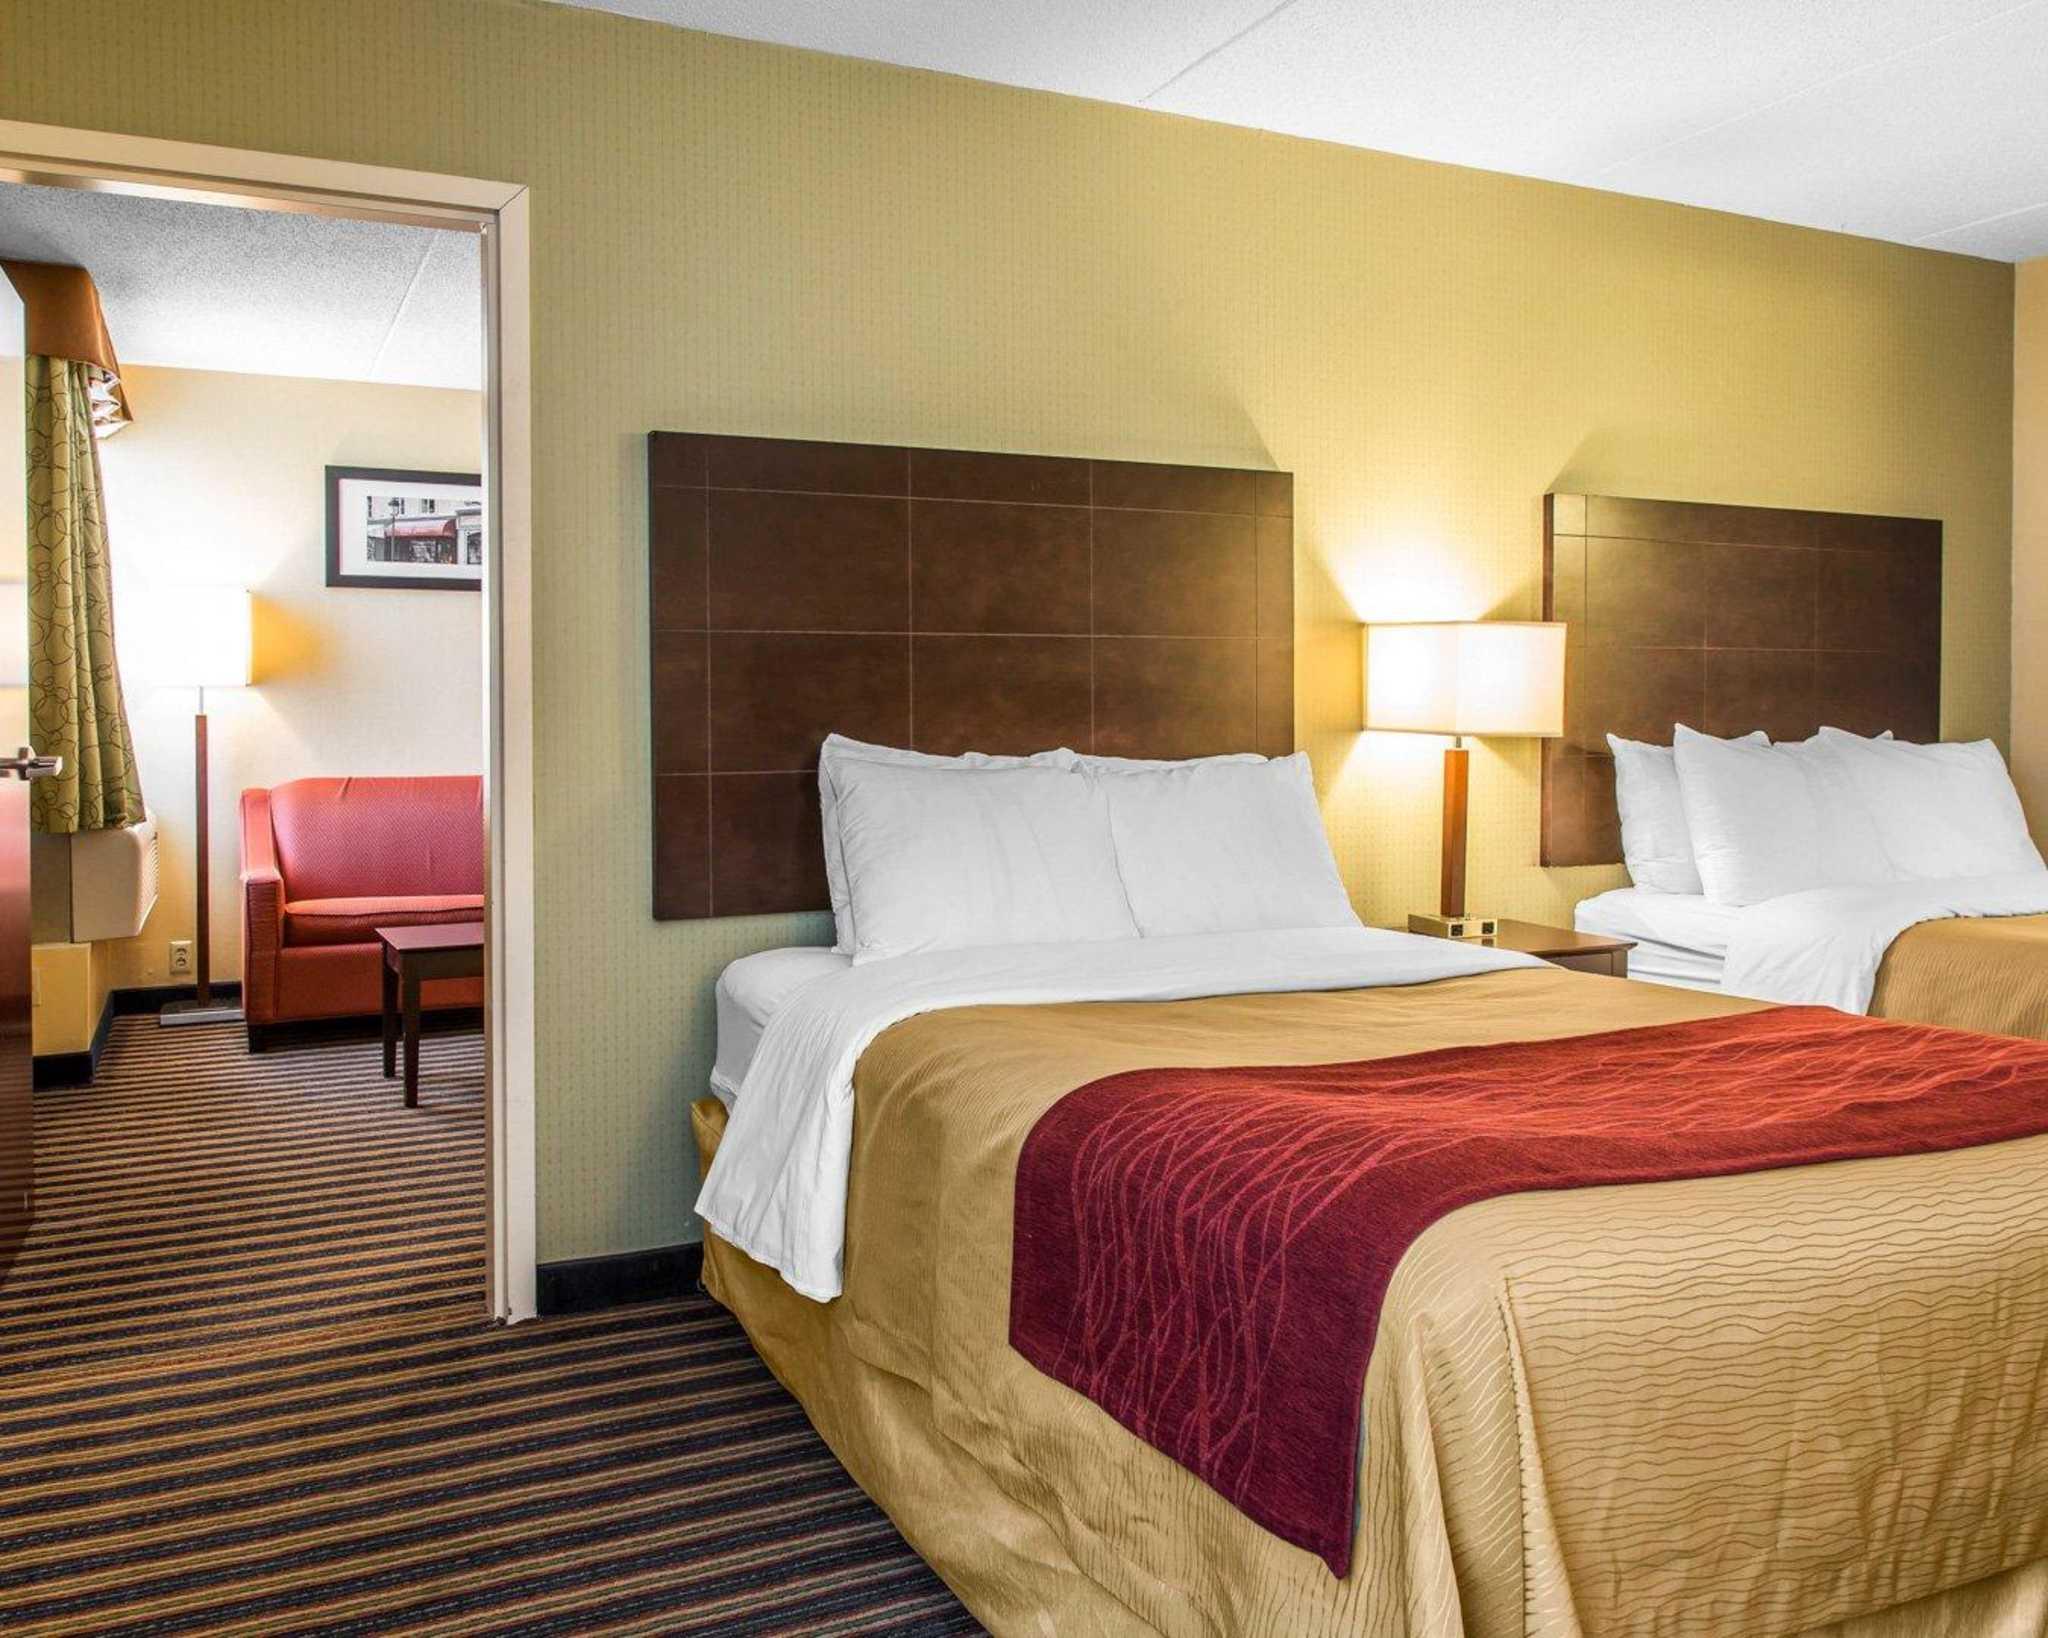 Comfort Inn & Suites East Hartford - Hartford image 0